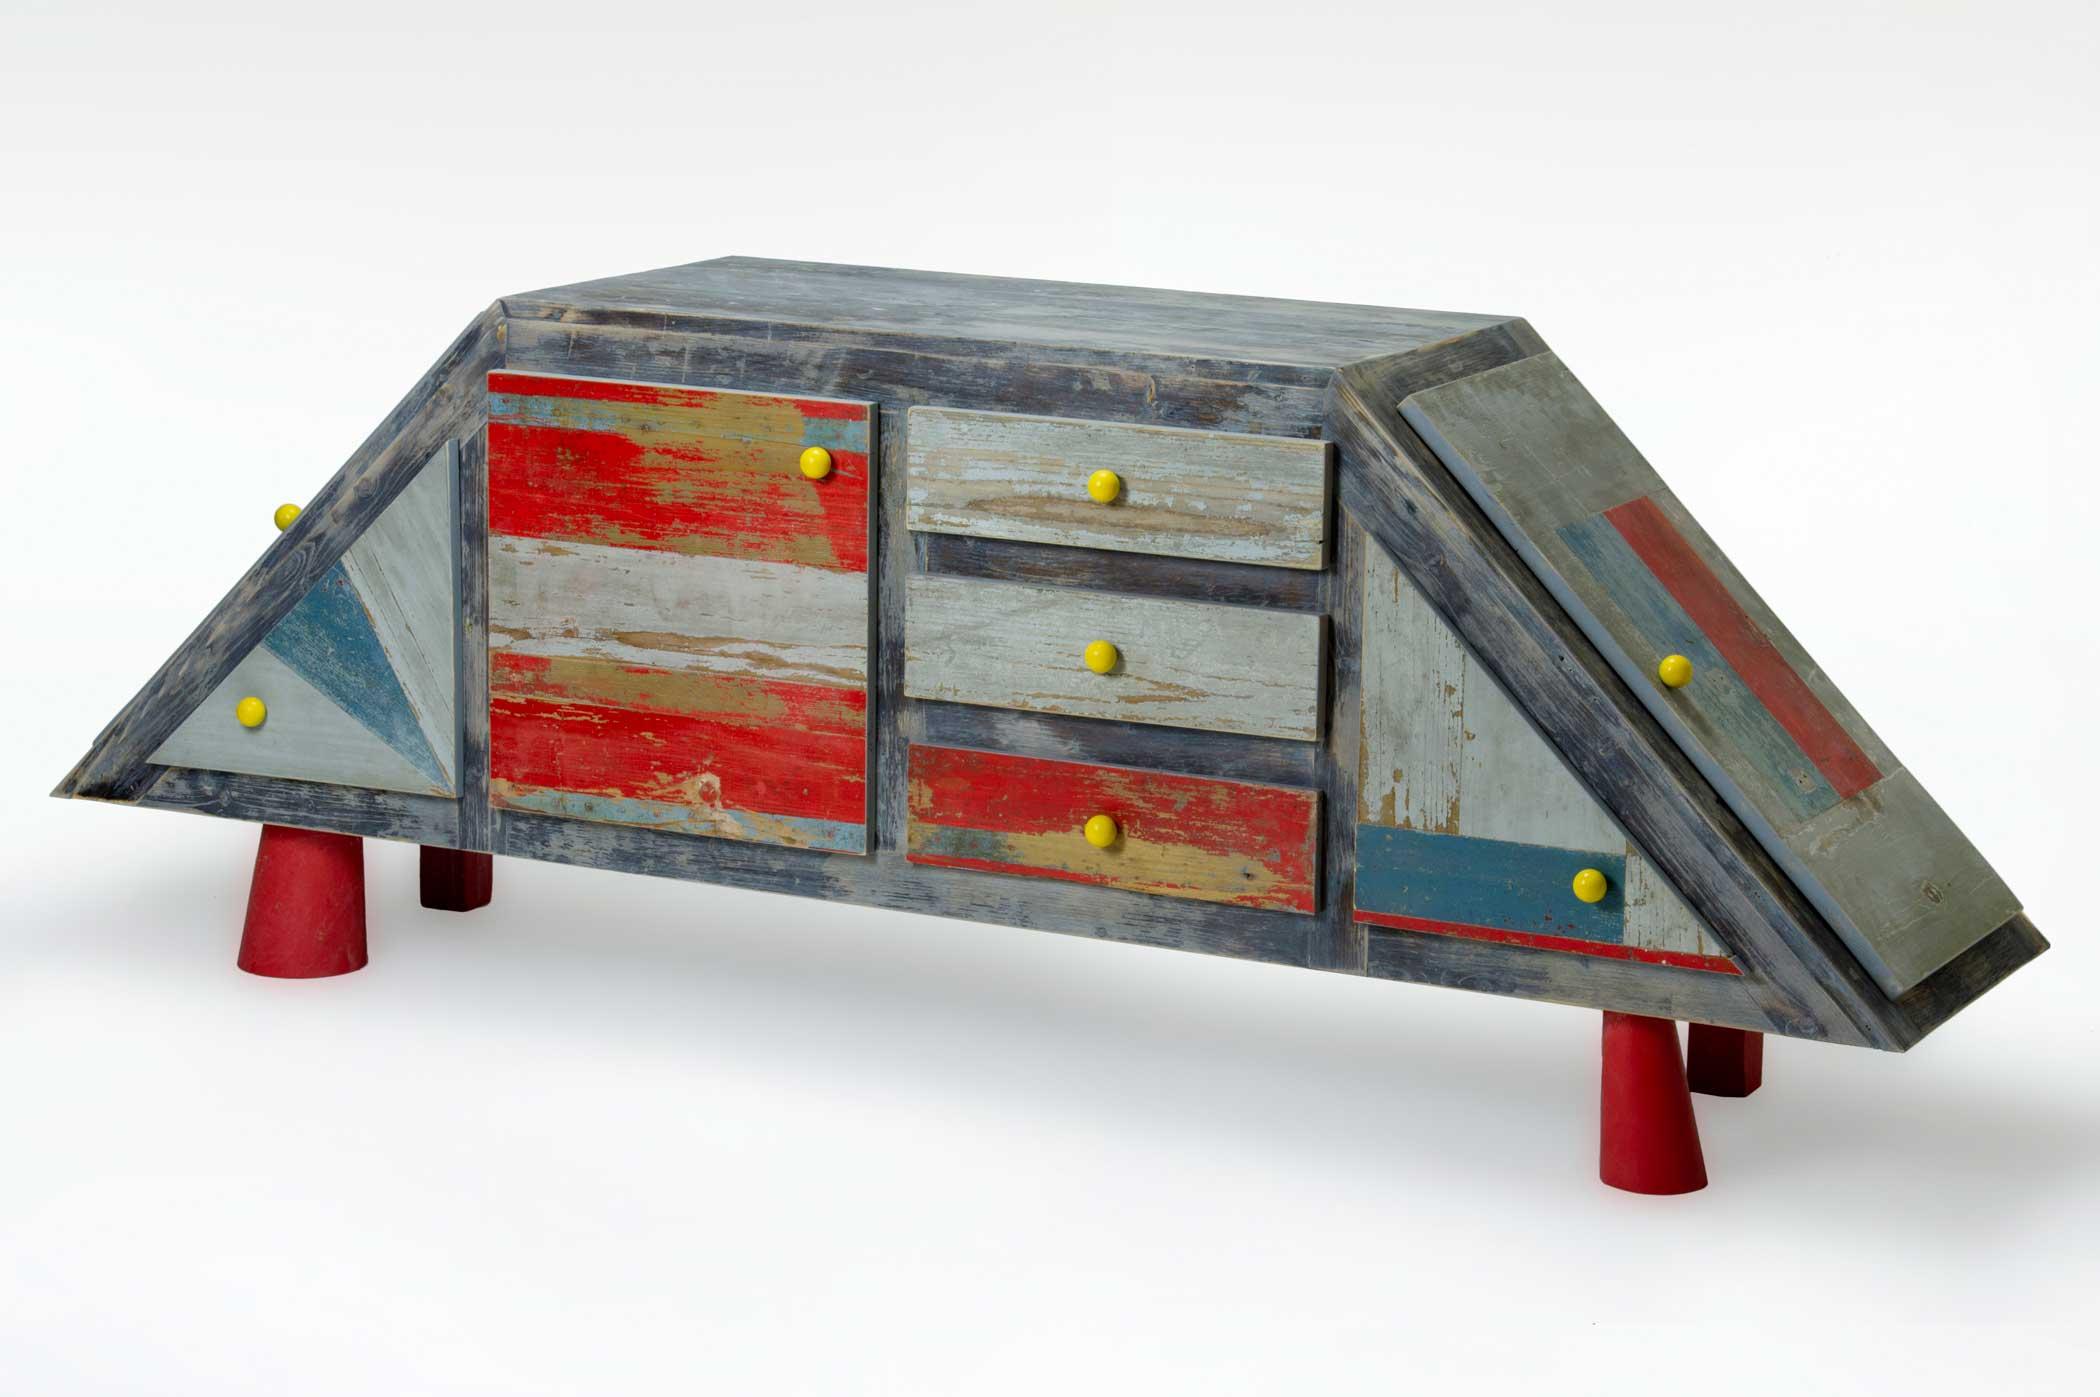 Credenza con forma di astronave. Struttura, cassetti e ante in legno riciclato. Gli interni verde acido.